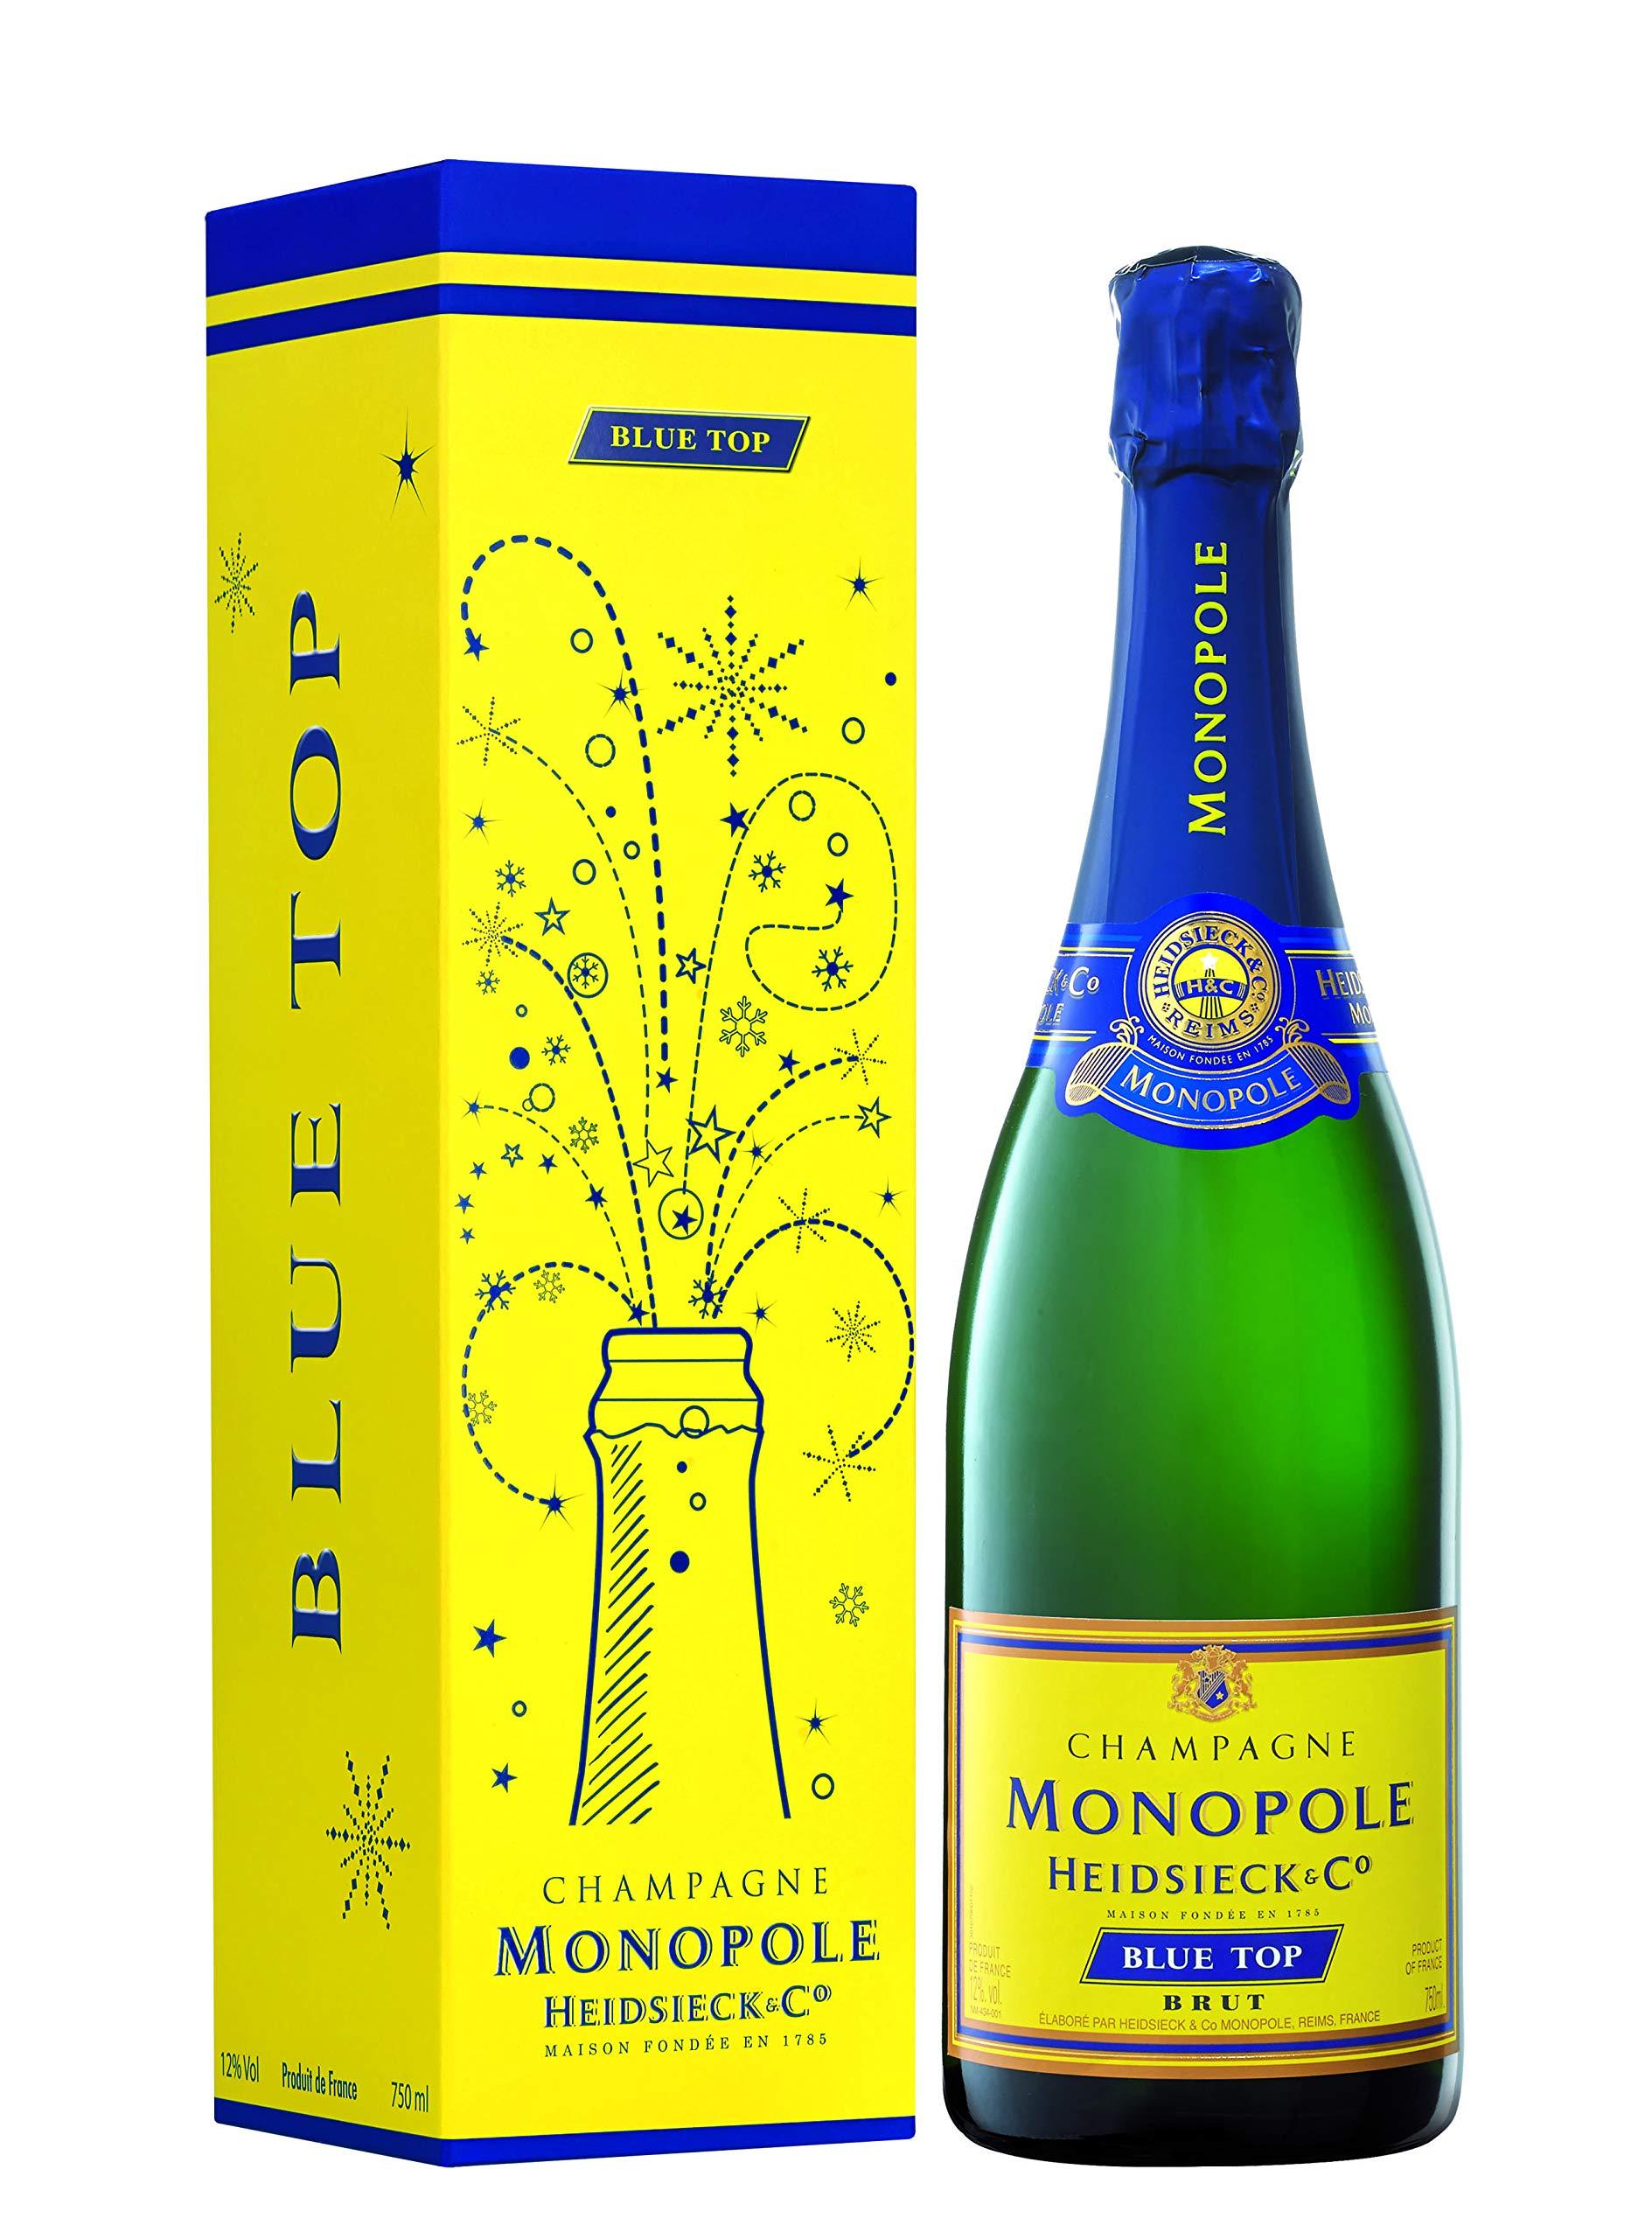 Heidsieck-Monopole-Champagne-Blue-Top-Brut-mit-Geschenkverpackung-Sonderausstattung-Champagner-075-l